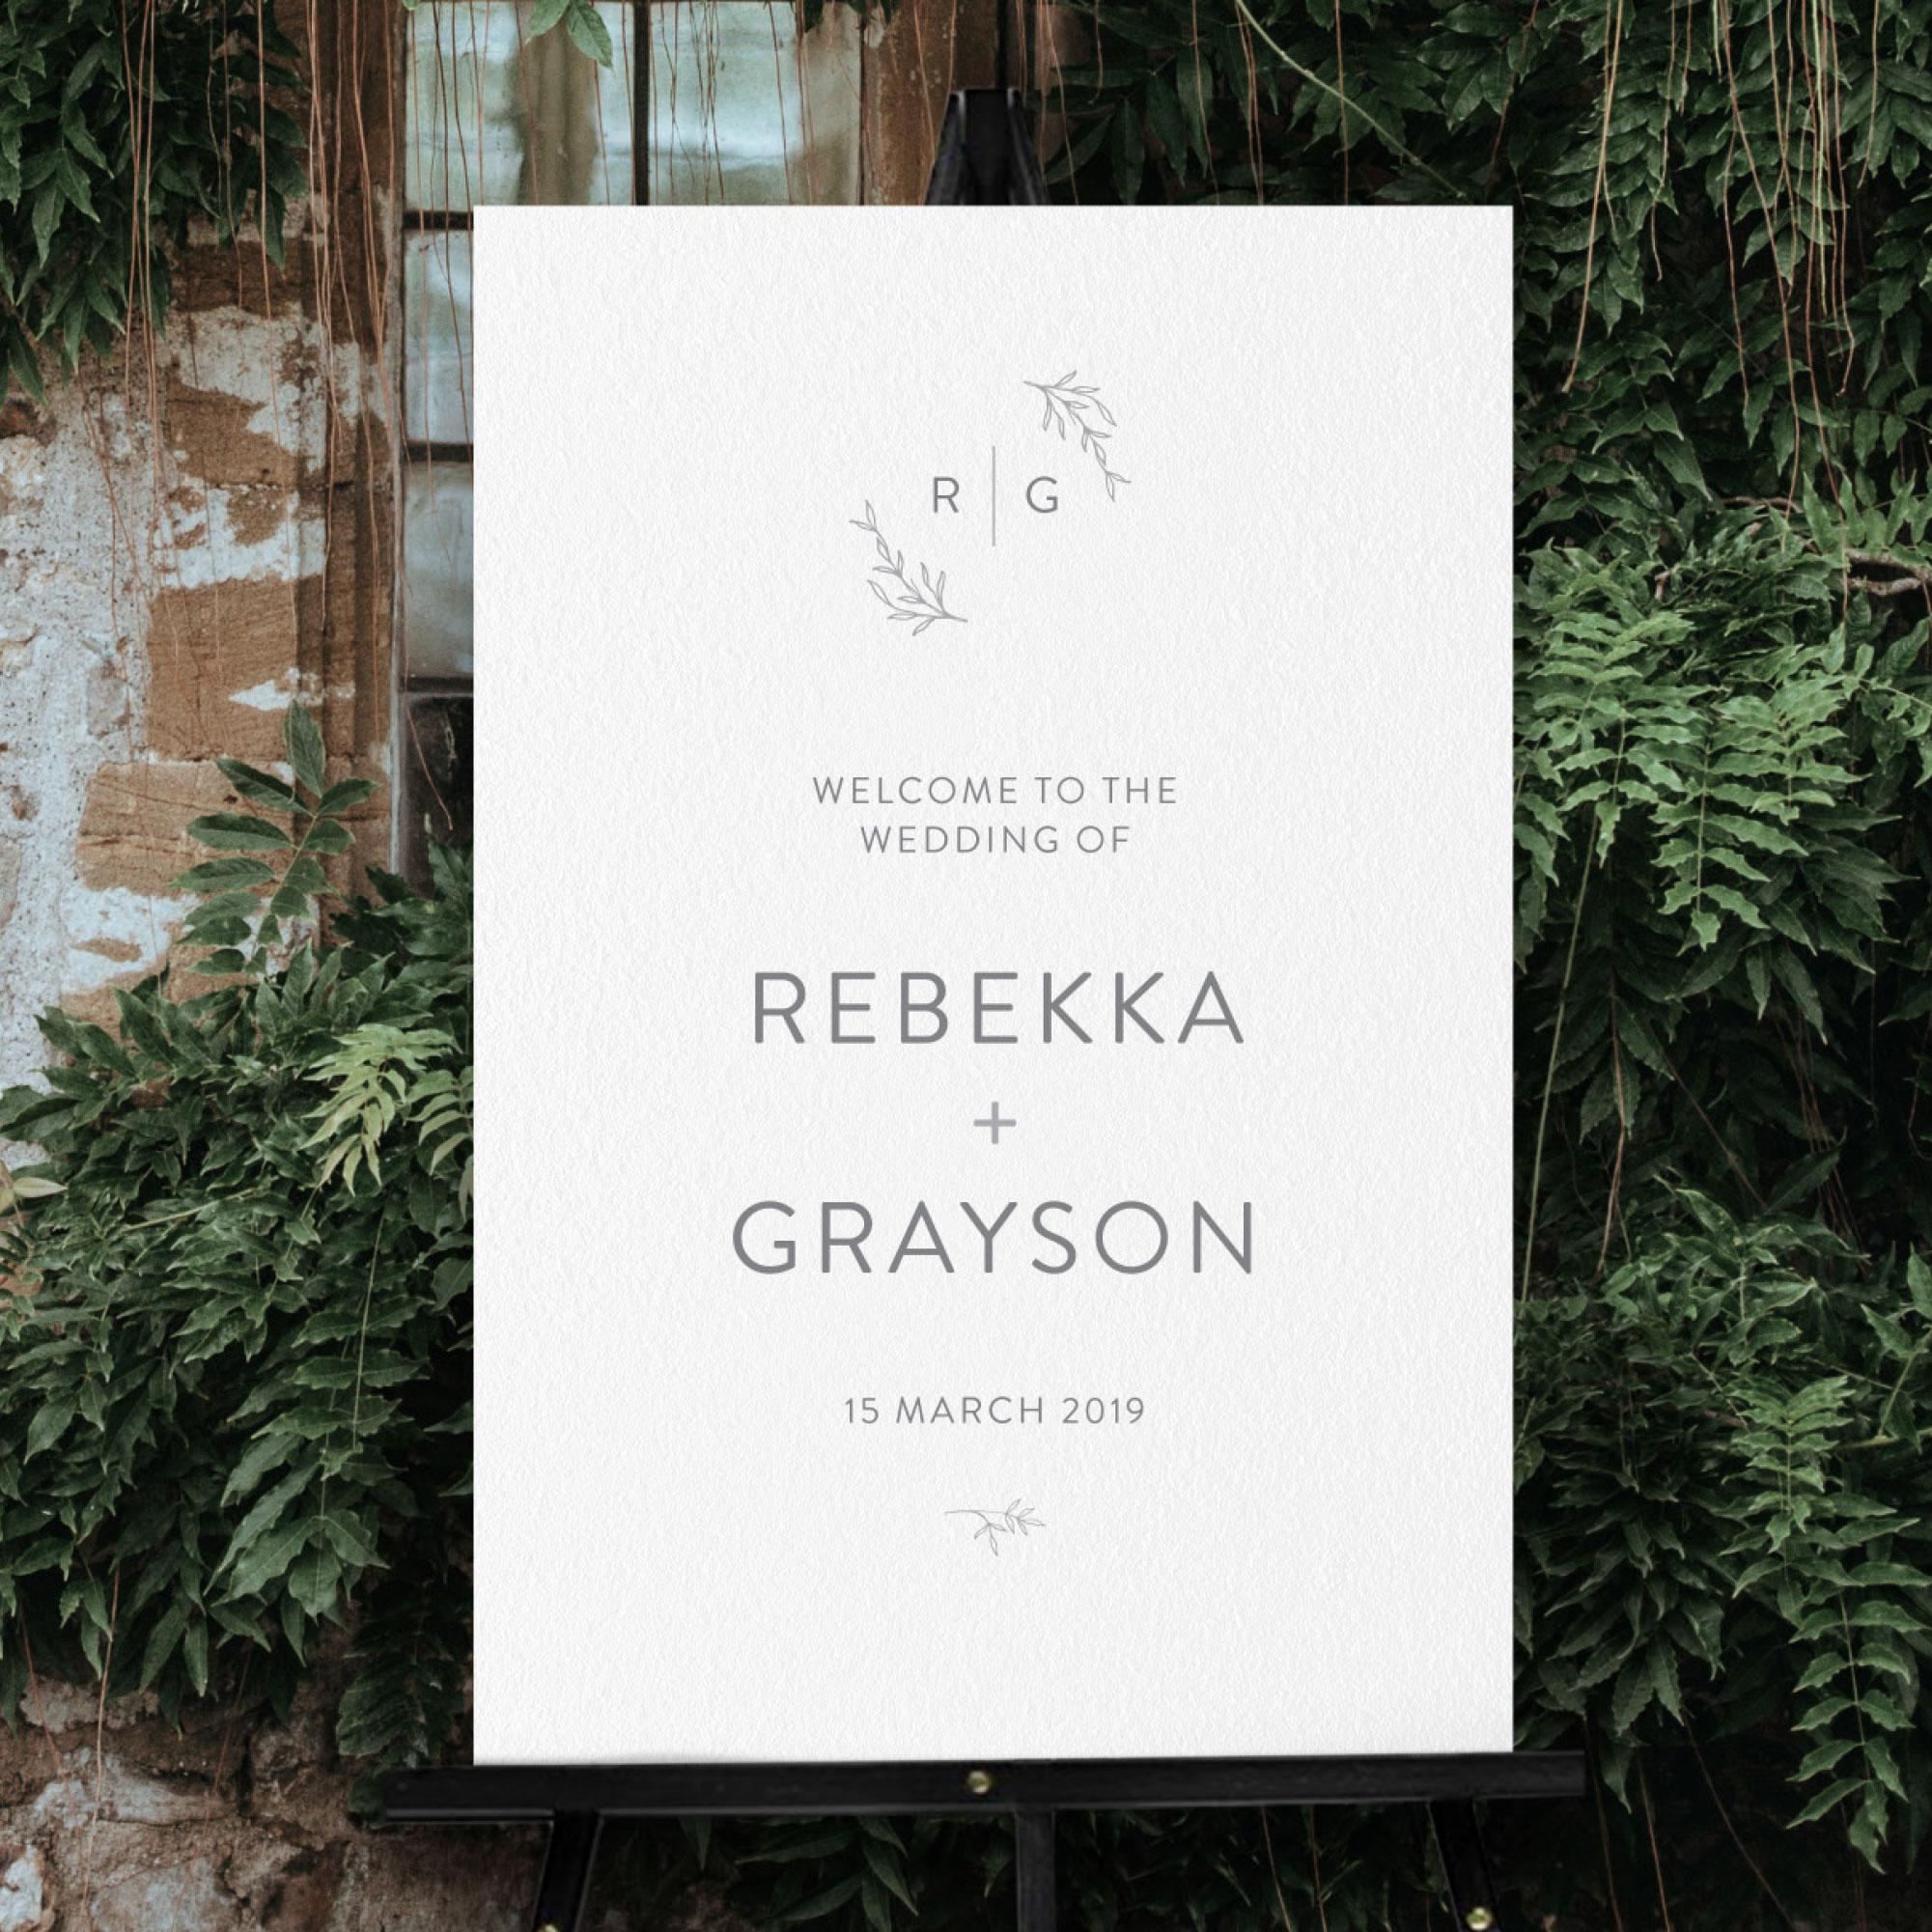 Rebekka-wedding-stationery-2